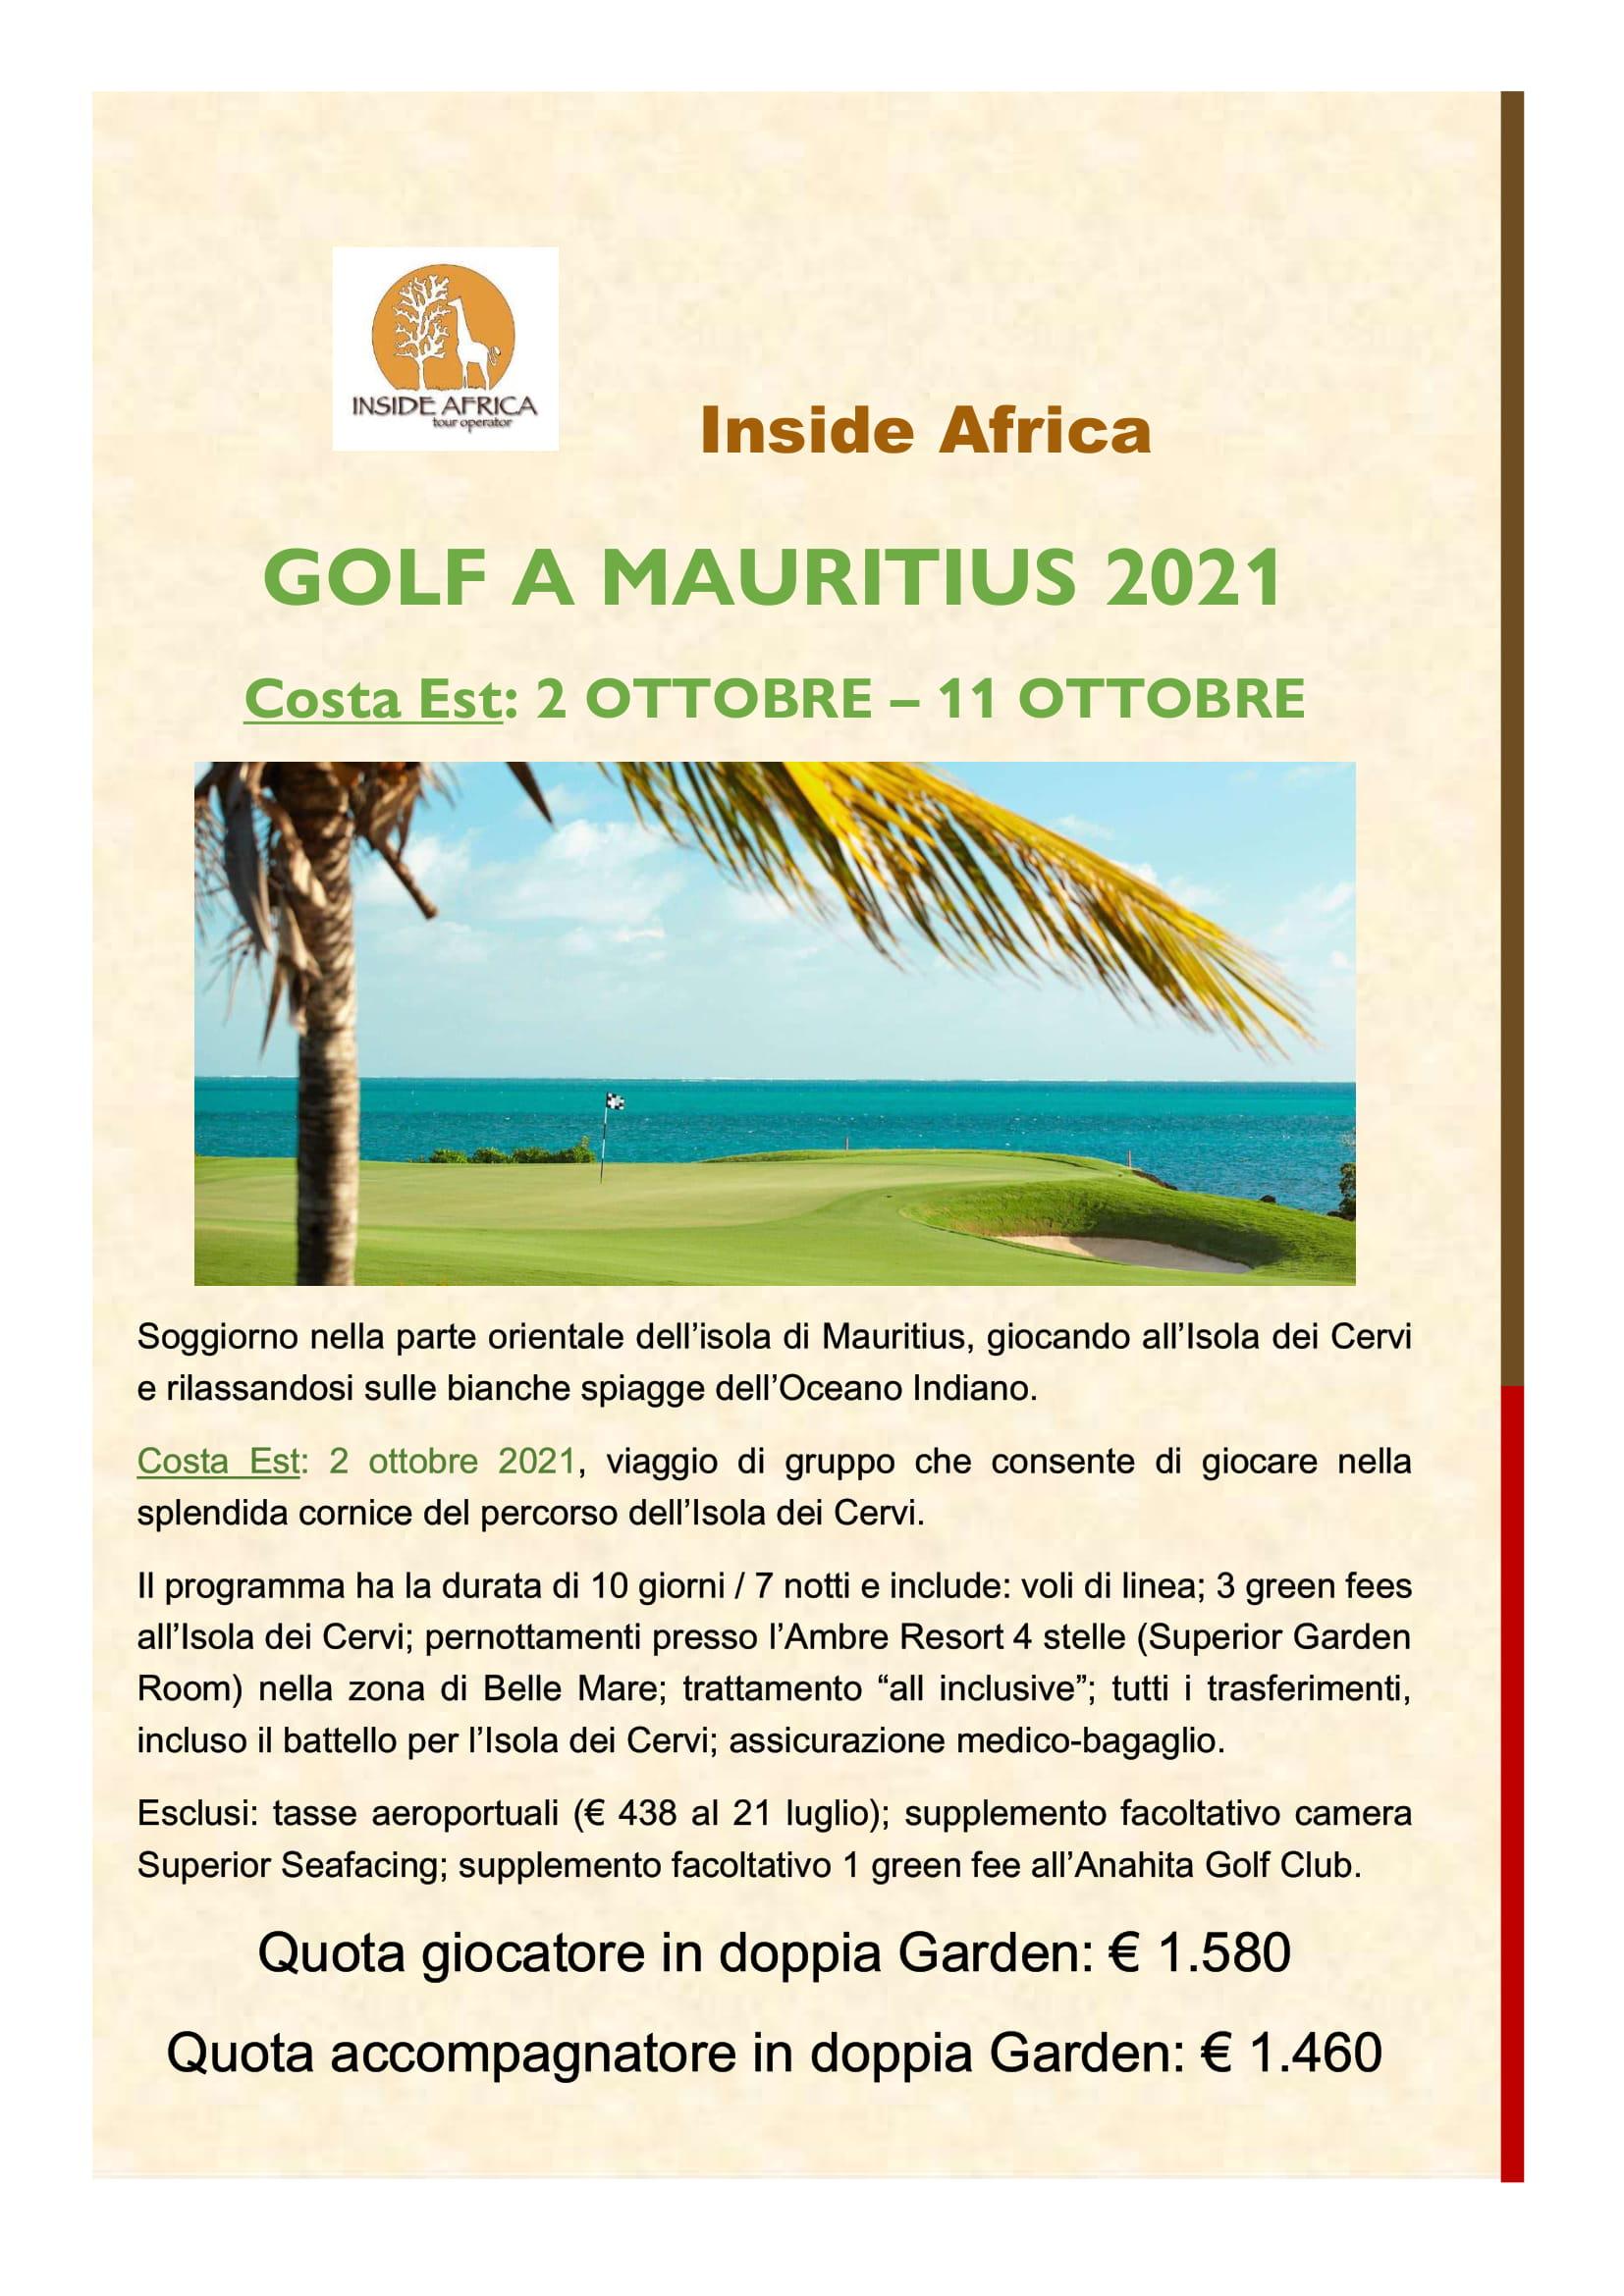 mauritius-golf-2-ottobre-2021-costa-est-jpg